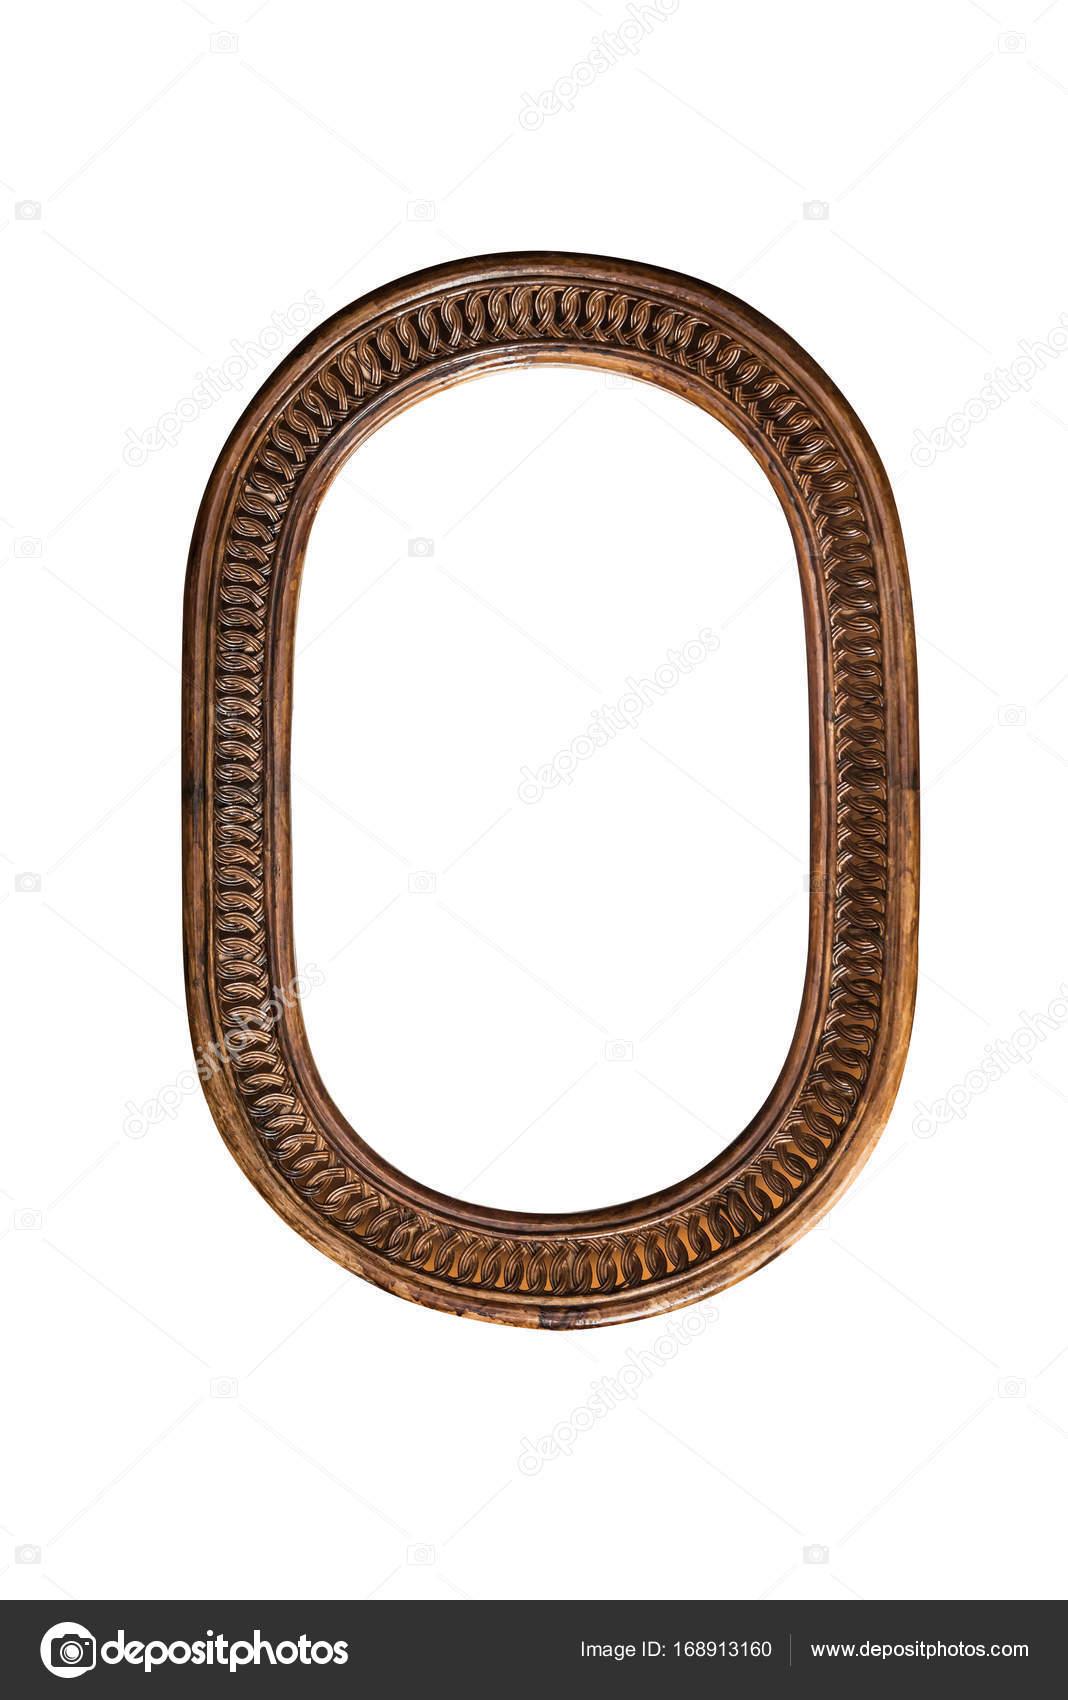 Holz Spiegel Rahmen Grenze alte Oval braun auf weißem Hintergrund ...